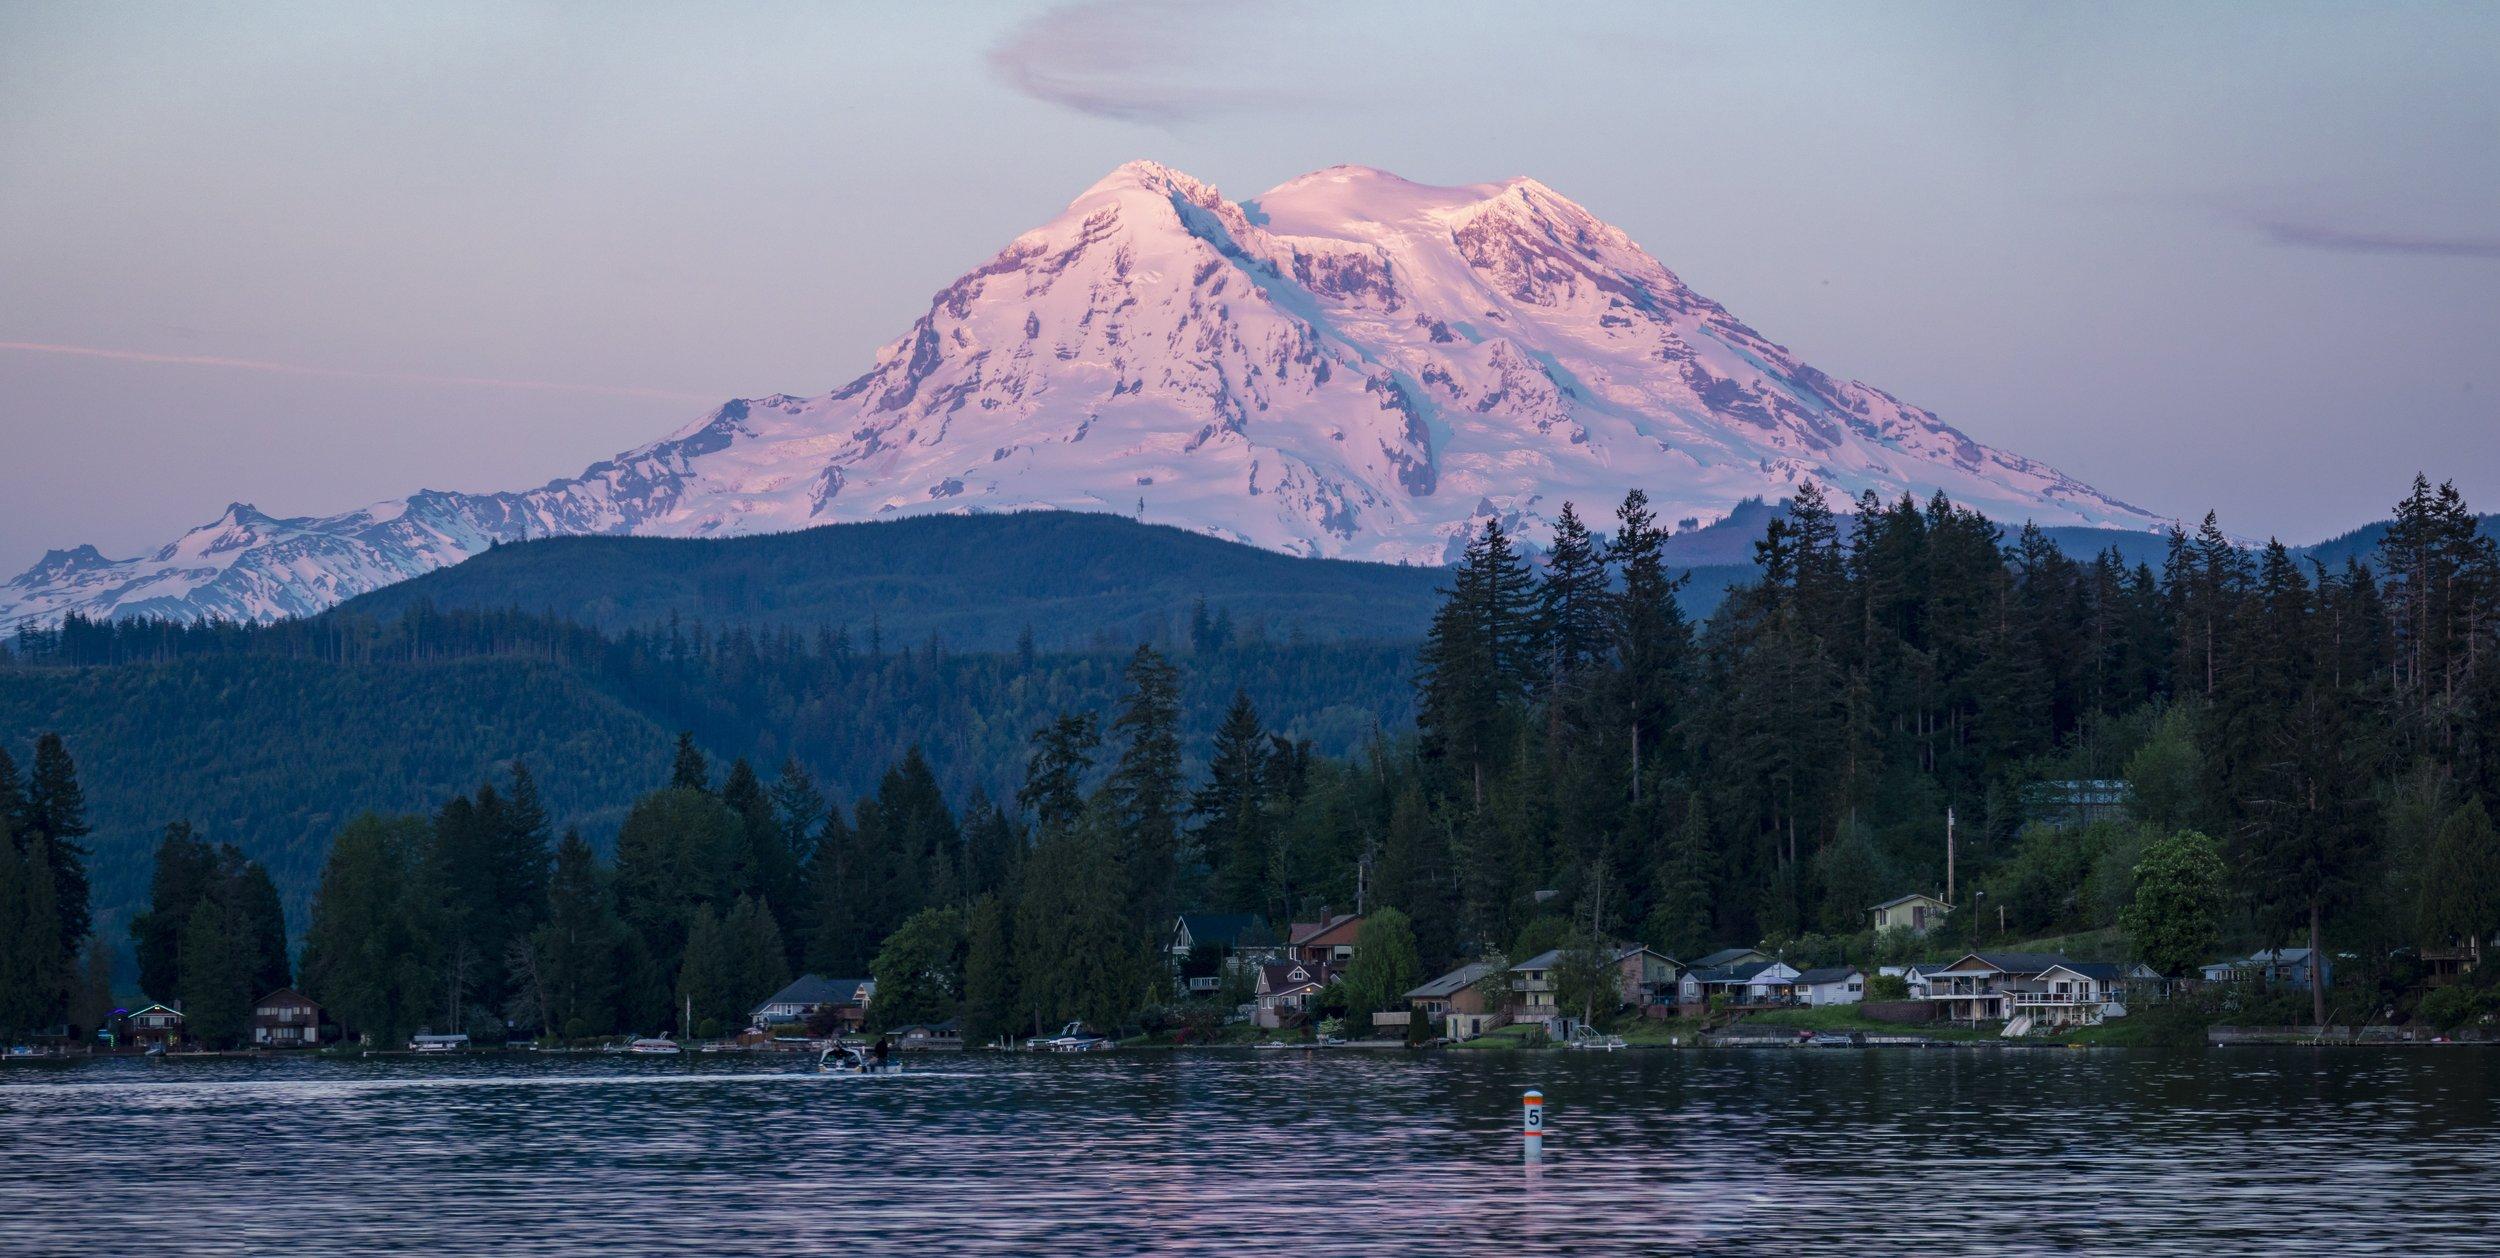 Mt_Rainier_Sunset_on_Clear_Lake.jpeg